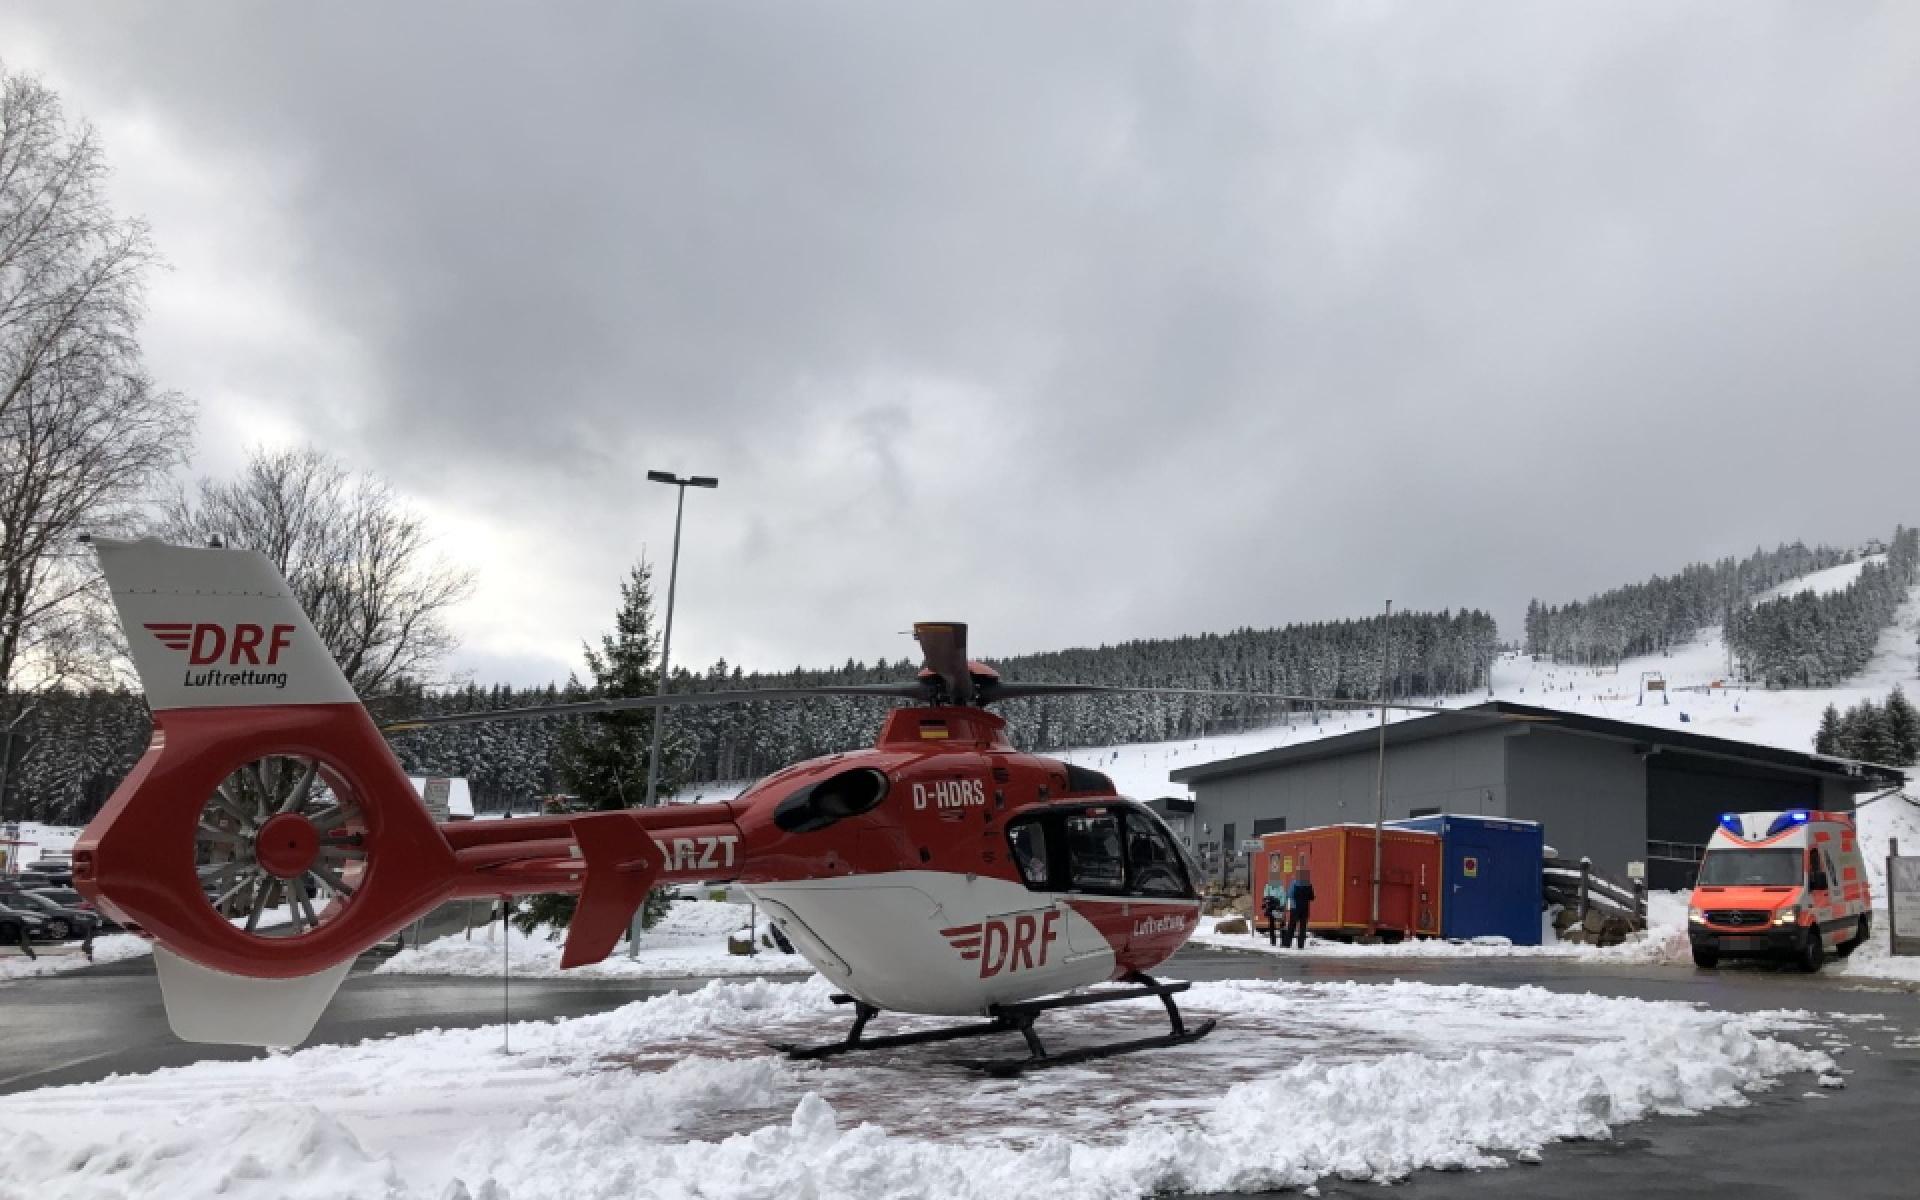 Ein Rettungshubschrauber der DRF Luftrettung steht an der Talstation eines Skigebiets.